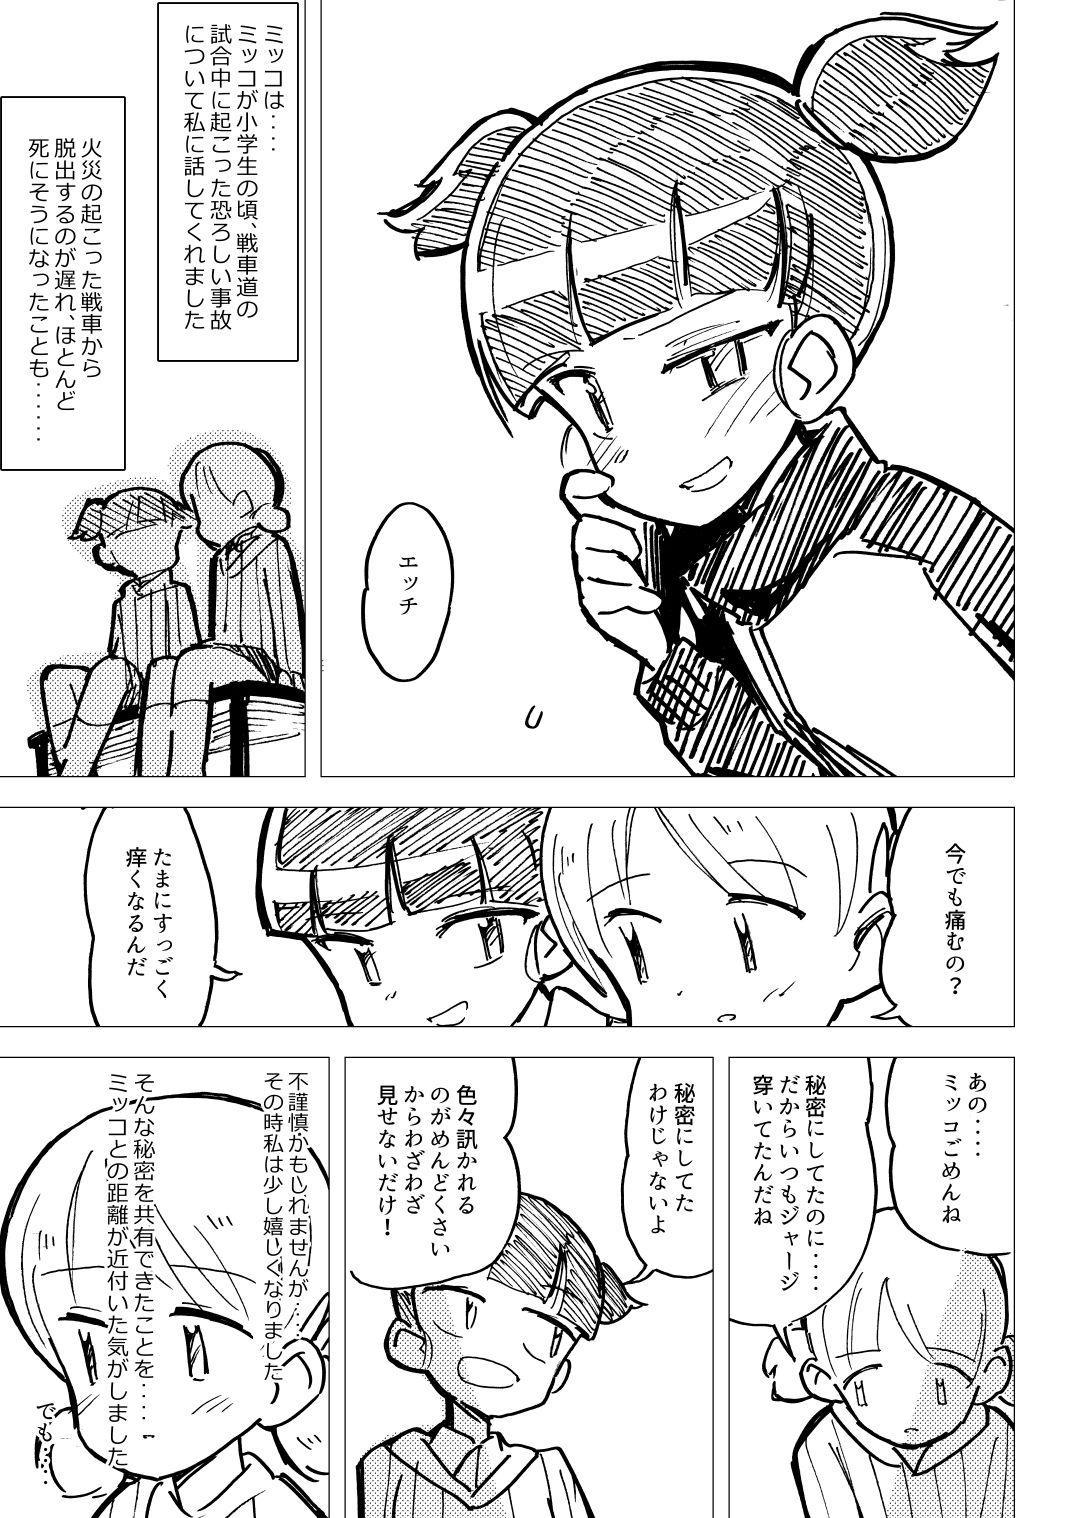 Nee Aki Kocchi Muite + 1 5